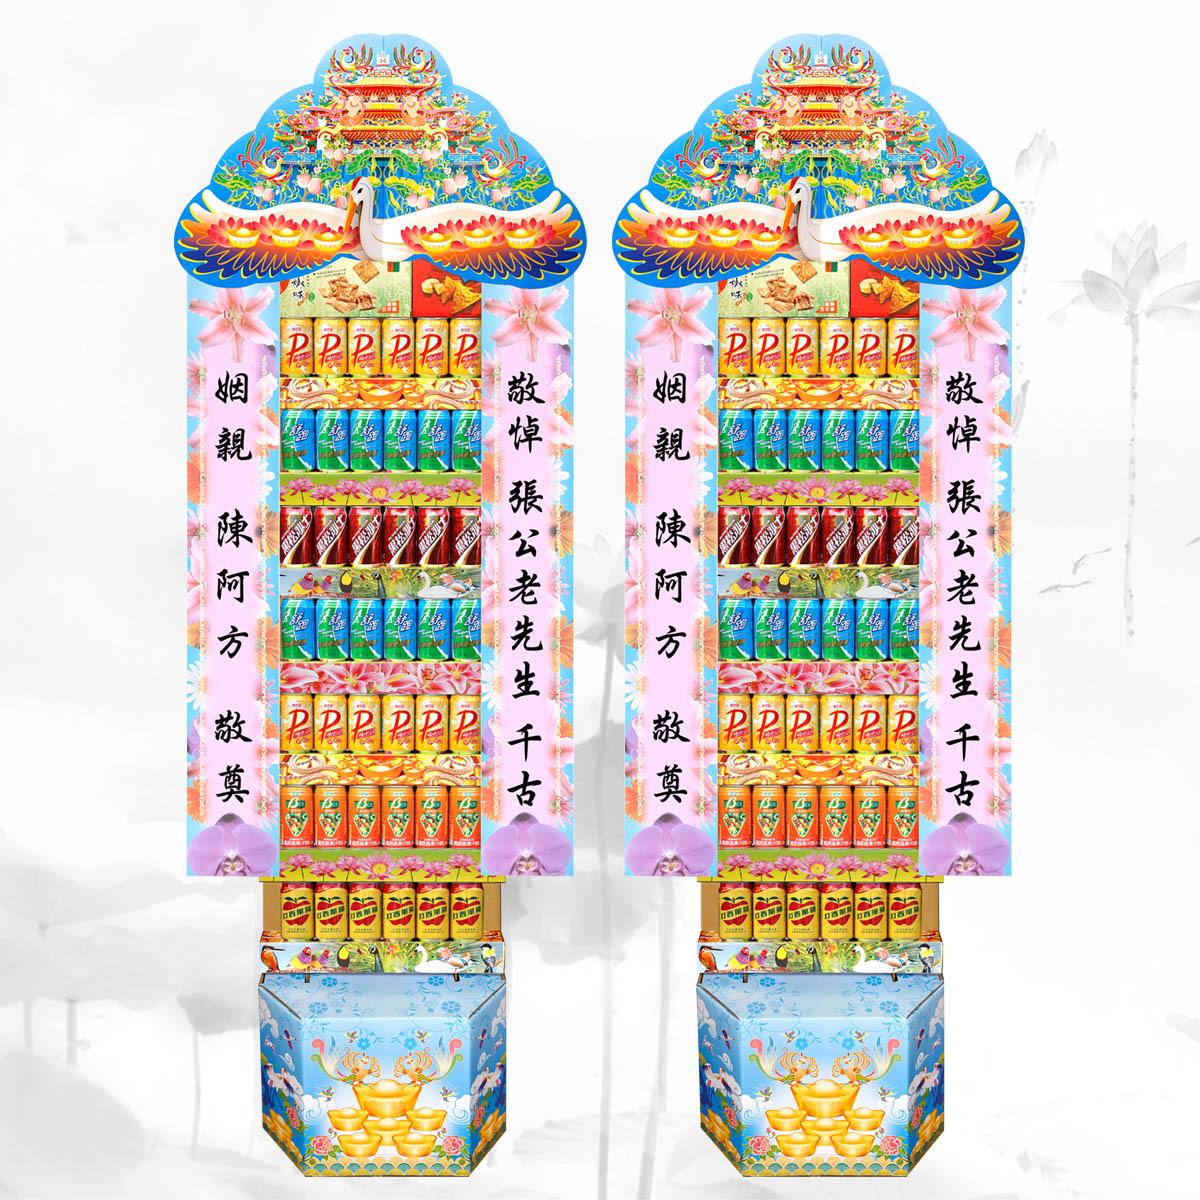 喪禮用罐頭塔-6X7 大牌飲料罐頭禮籃